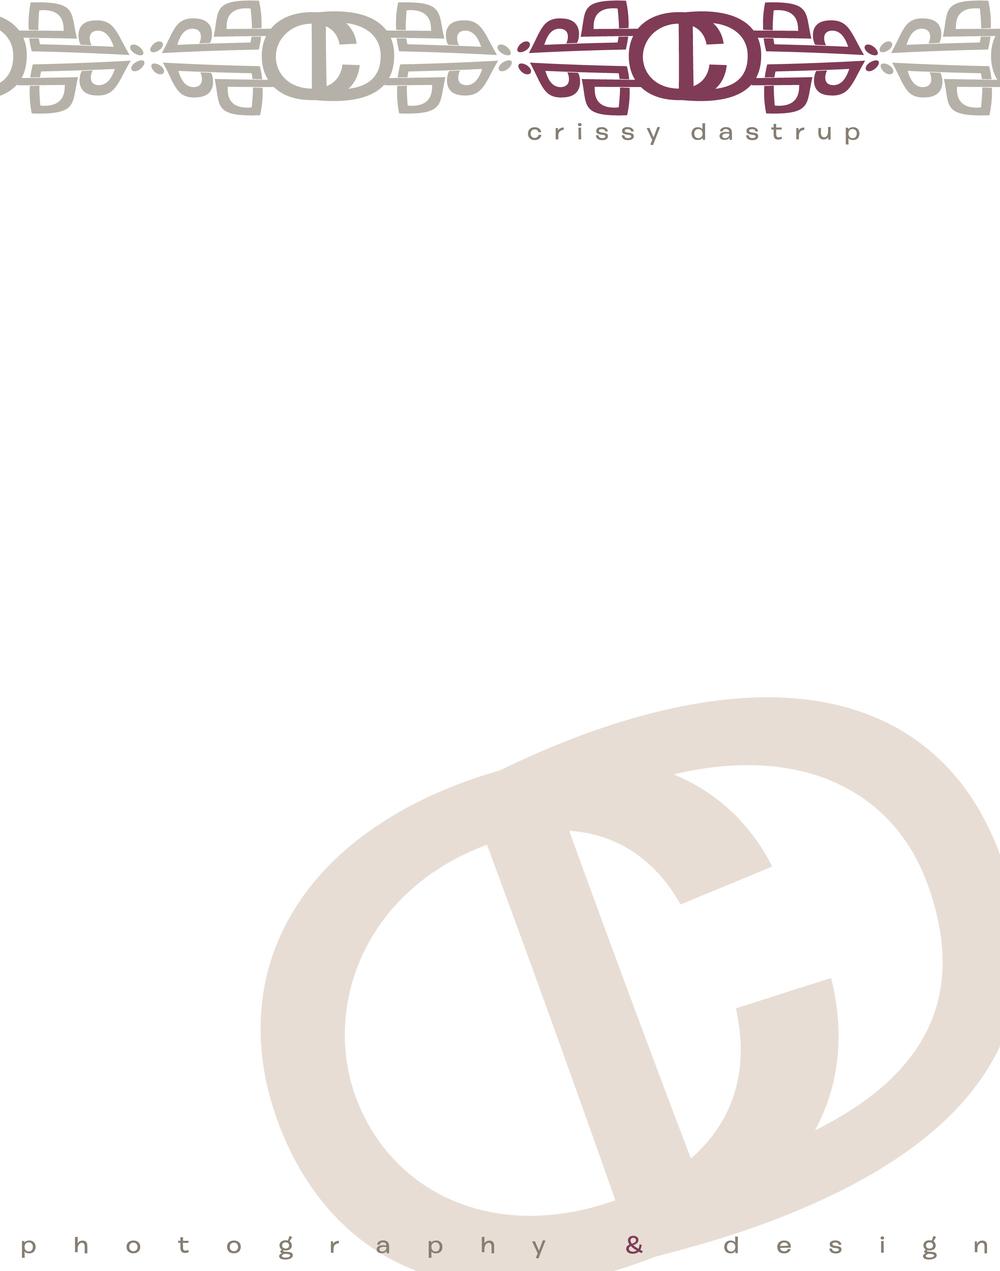 cd-letterhead.jpg